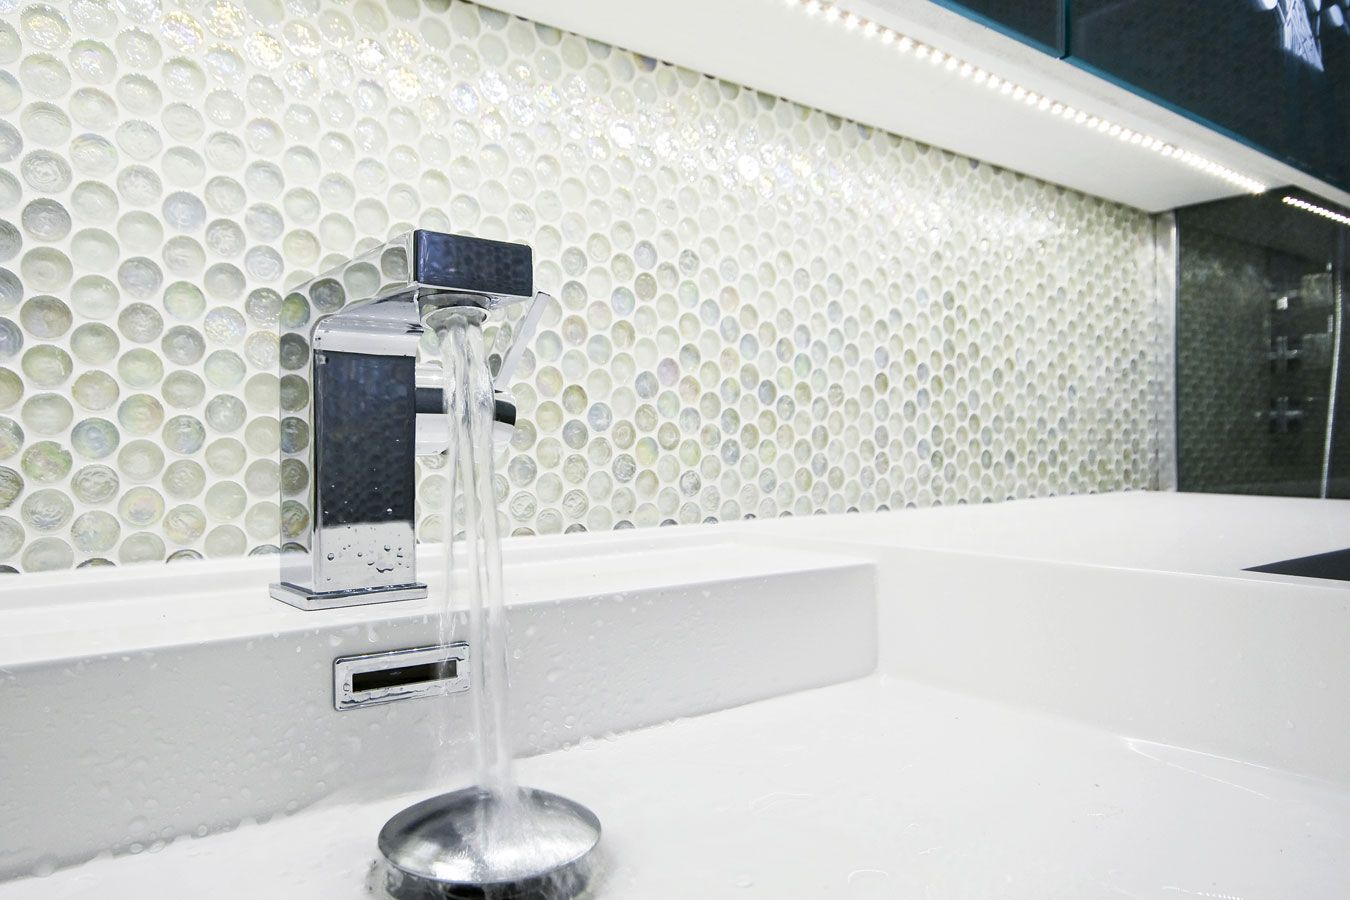 Glasmozaiek Voor Badkamer : Ronde glas mozaïek tegels badkamer bathroom badkamer